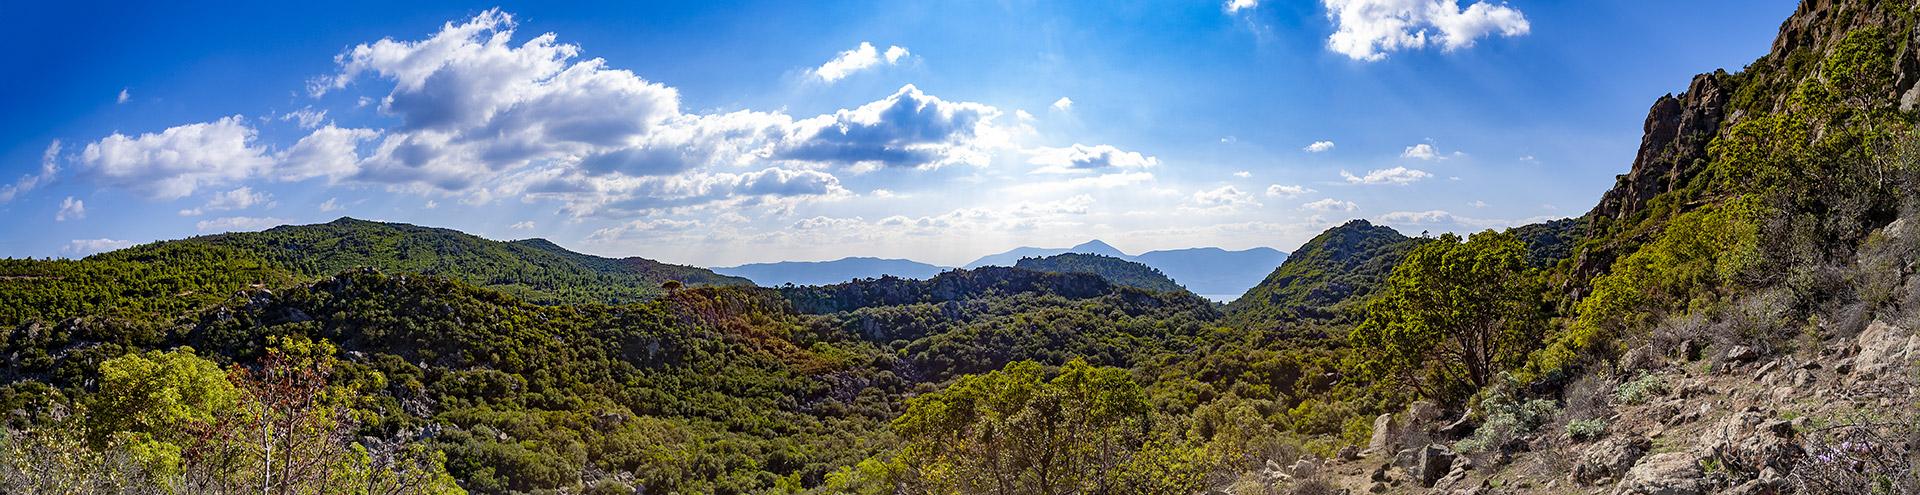 Methana Landschaft